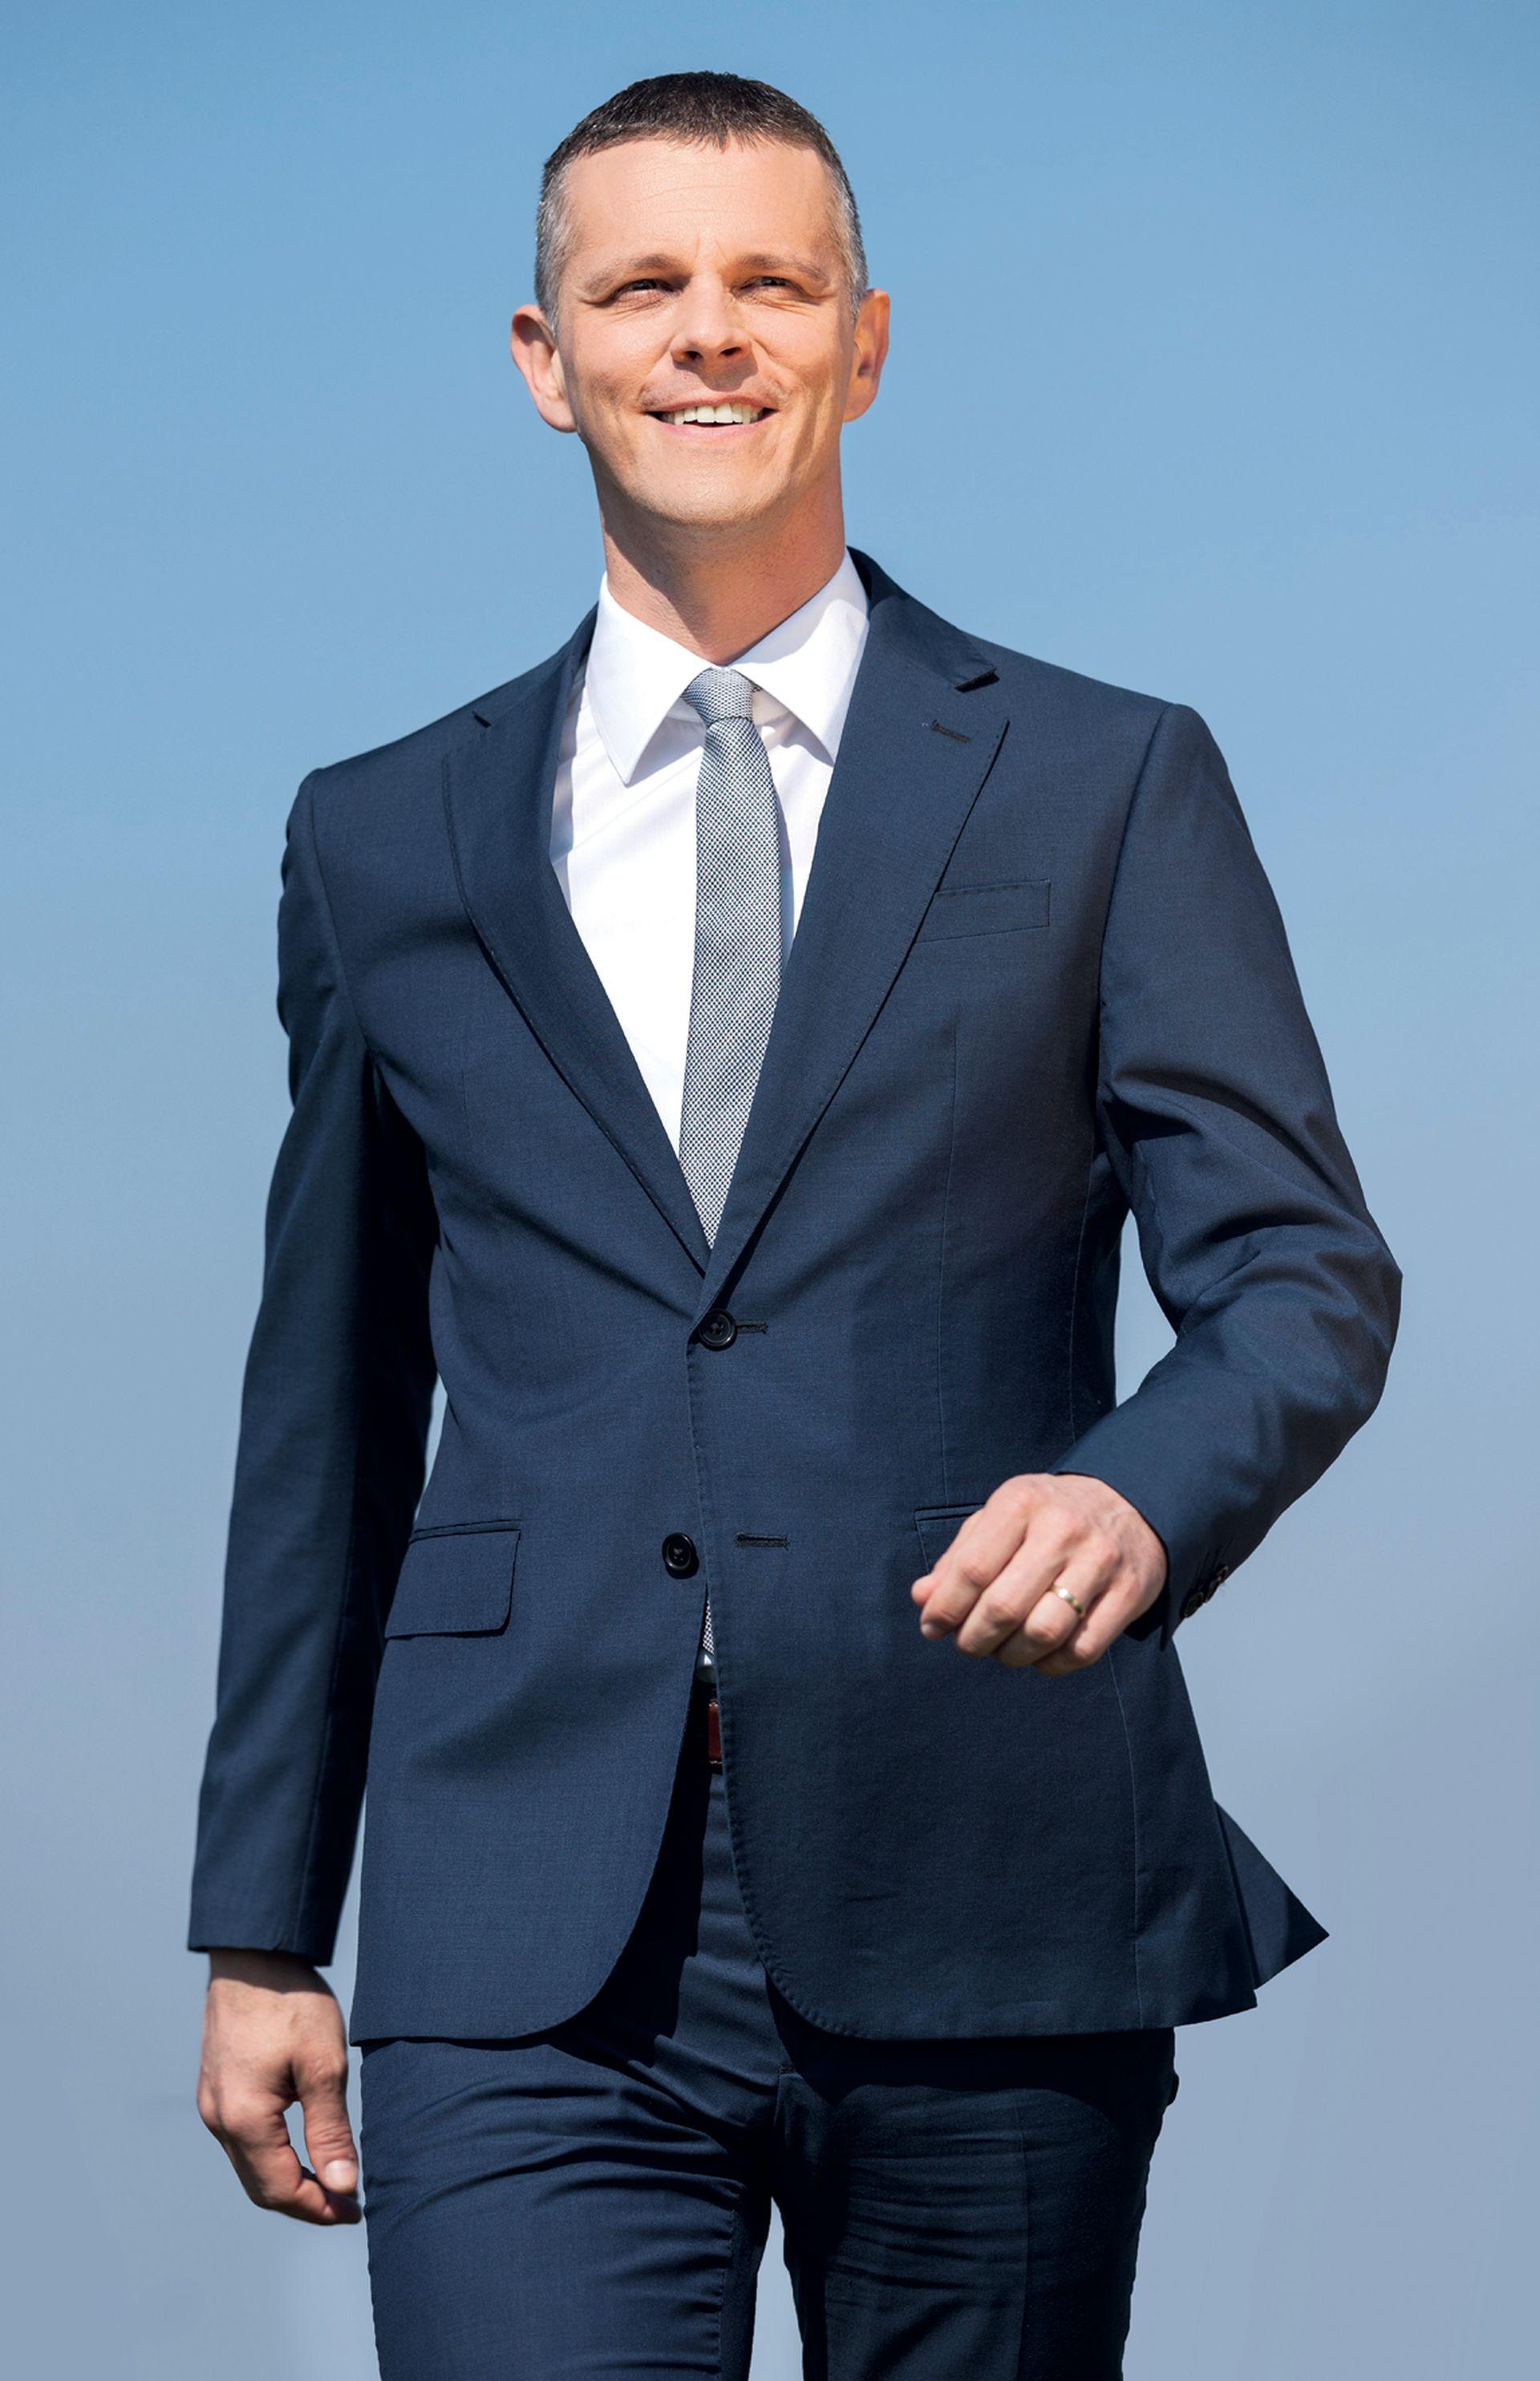 INTERVIEW: VALTER FLEGO 'Koalicija s HDZ-om ne dolazi u obzir. Naš vrijednosni sustav je posve drugačiji'